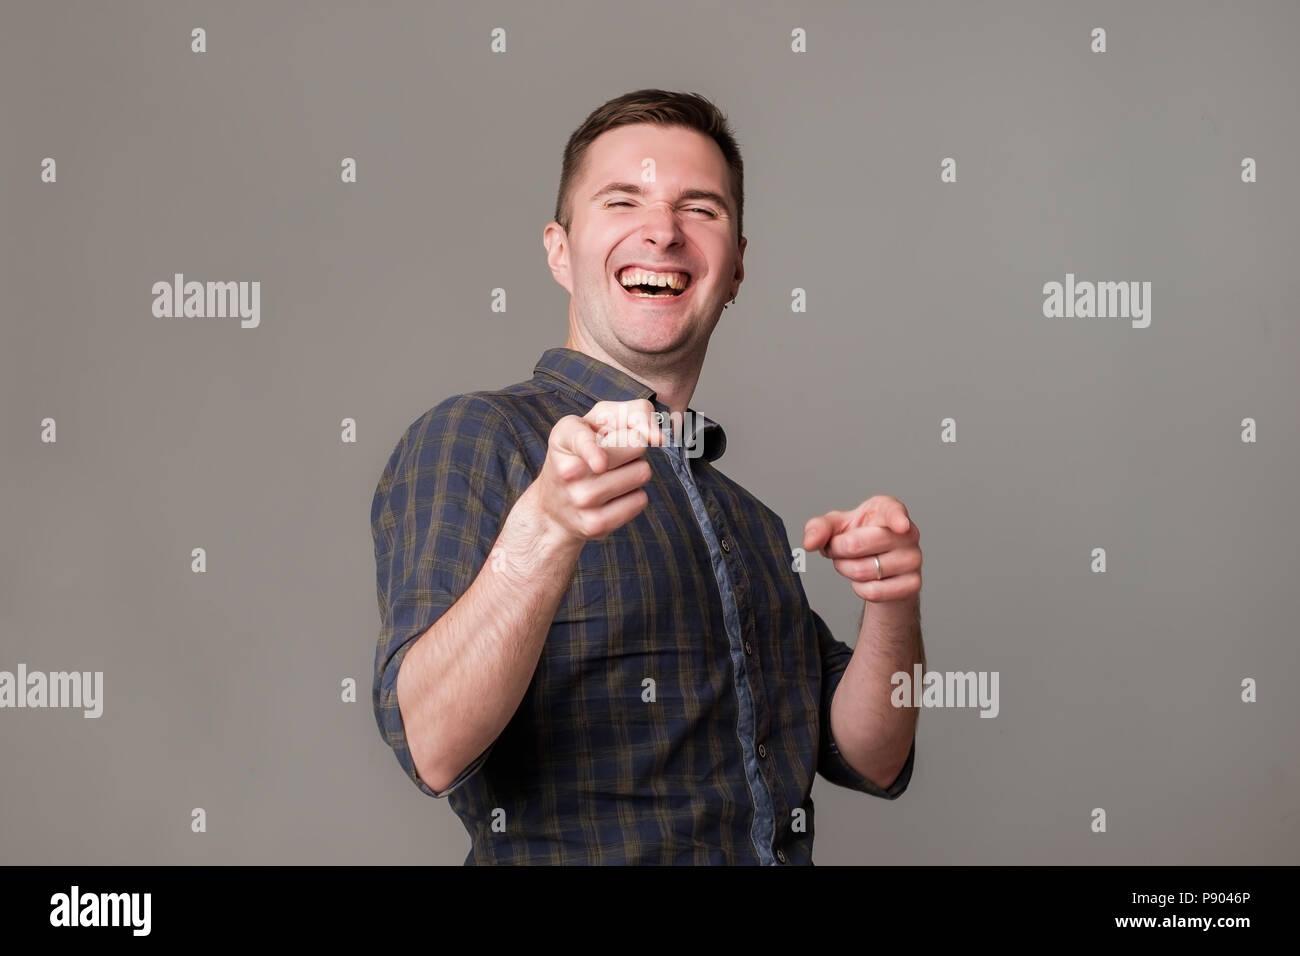 Apuesto joven europeo emocionados sonriendo señalando con el dedo a usted. Imagen De Stock